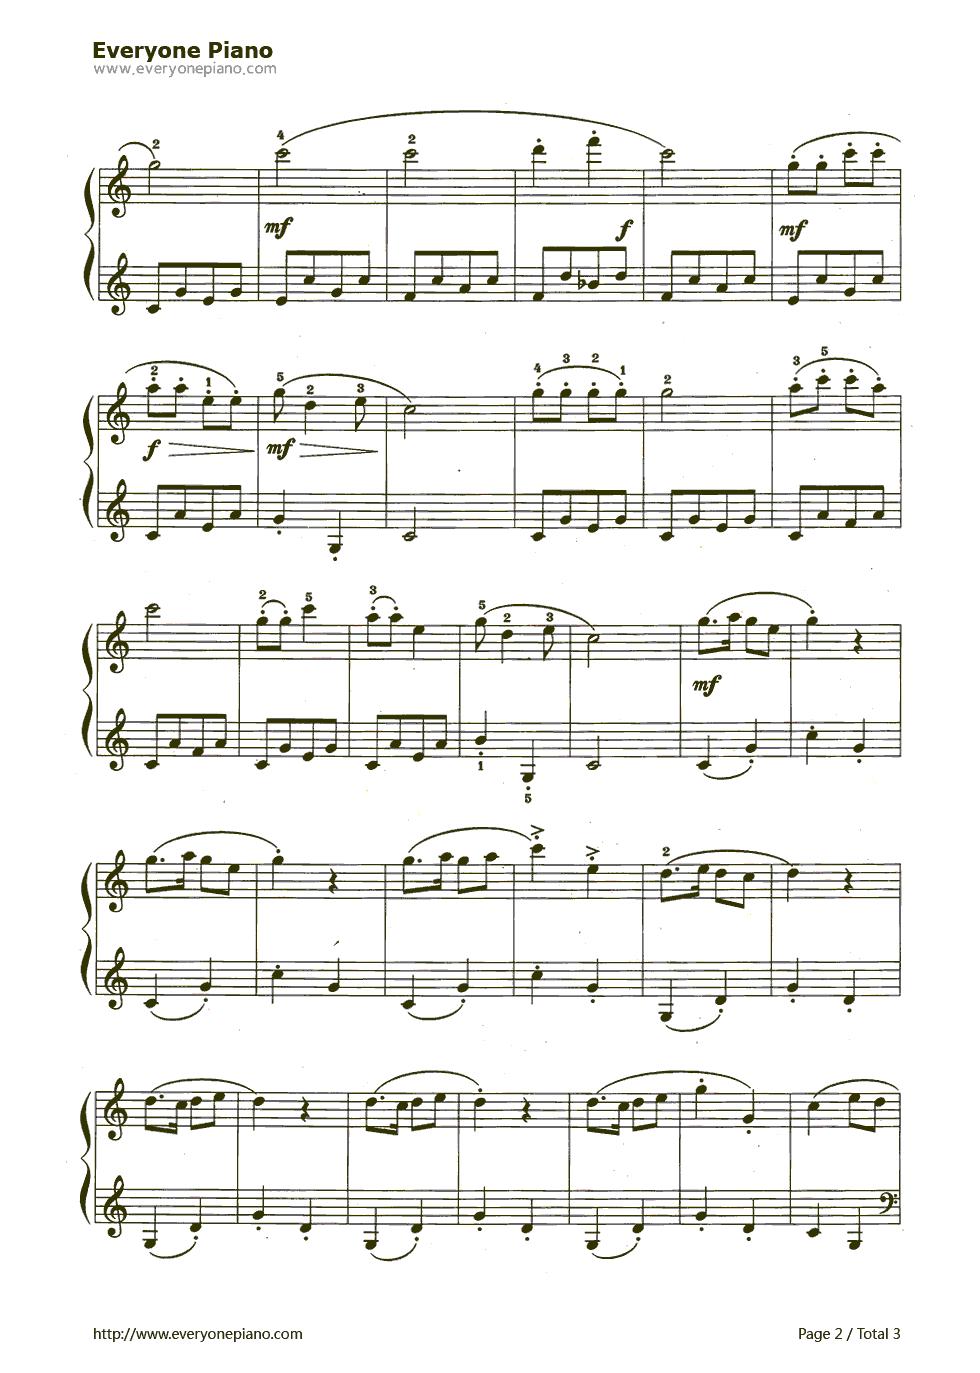 童谣五线谱预览2-钢琴谱档(五线谱,双手简谱,数位谱